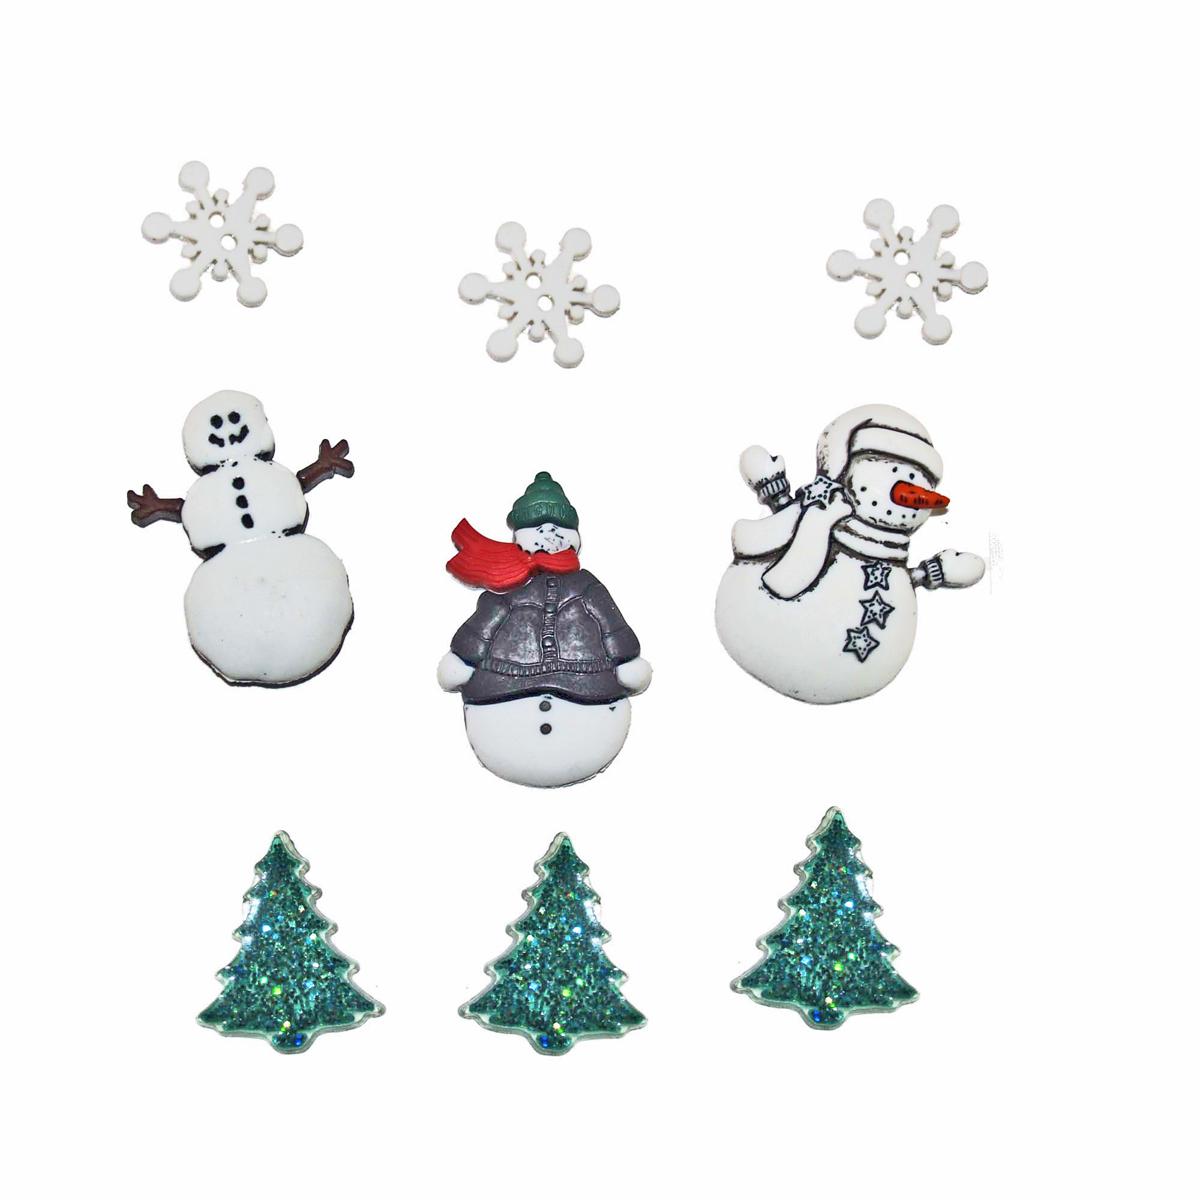 Пуговицы декоративные Dress It Up Снежные друзья, 9 шт7713506Пуговицы декоративные Dress It Up Снежные друзья состоит из 9 декоративных пуговиц, выполненных из цветного пластика в виде снежинок, снеговиков, елей. Такие пуговицы подходят для любых видов творчества: скрапбукинга, декорирования, шитья, изготовления кукол, а также для оформления одежды. С их помощью вы сможете украсить открытку, фотографию, альбом, подарок и другие предметы ручной работы. Пуговицы разных цветов имеют оригинальный и яркий дизайн. Средний размер пуговиц: 3,5 см х 2,5 см х 0,3 см.